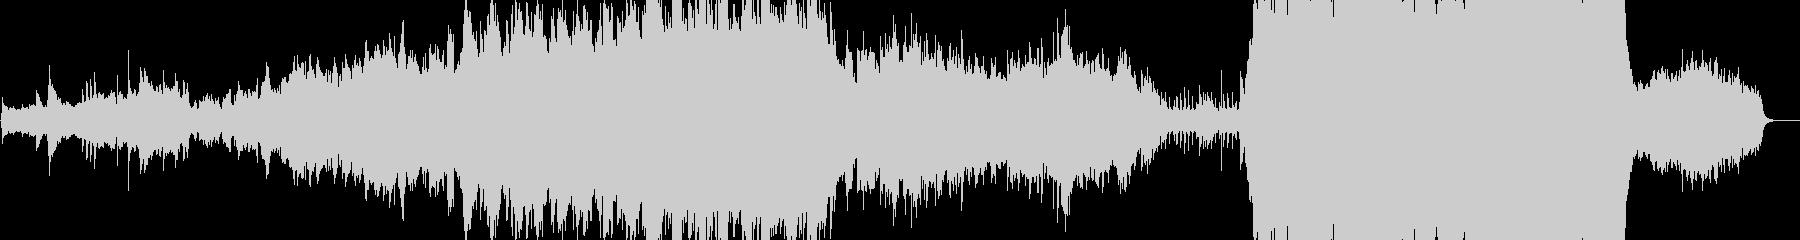 オケによる美しい魔法ファンタジー主題曲の未再生の波形